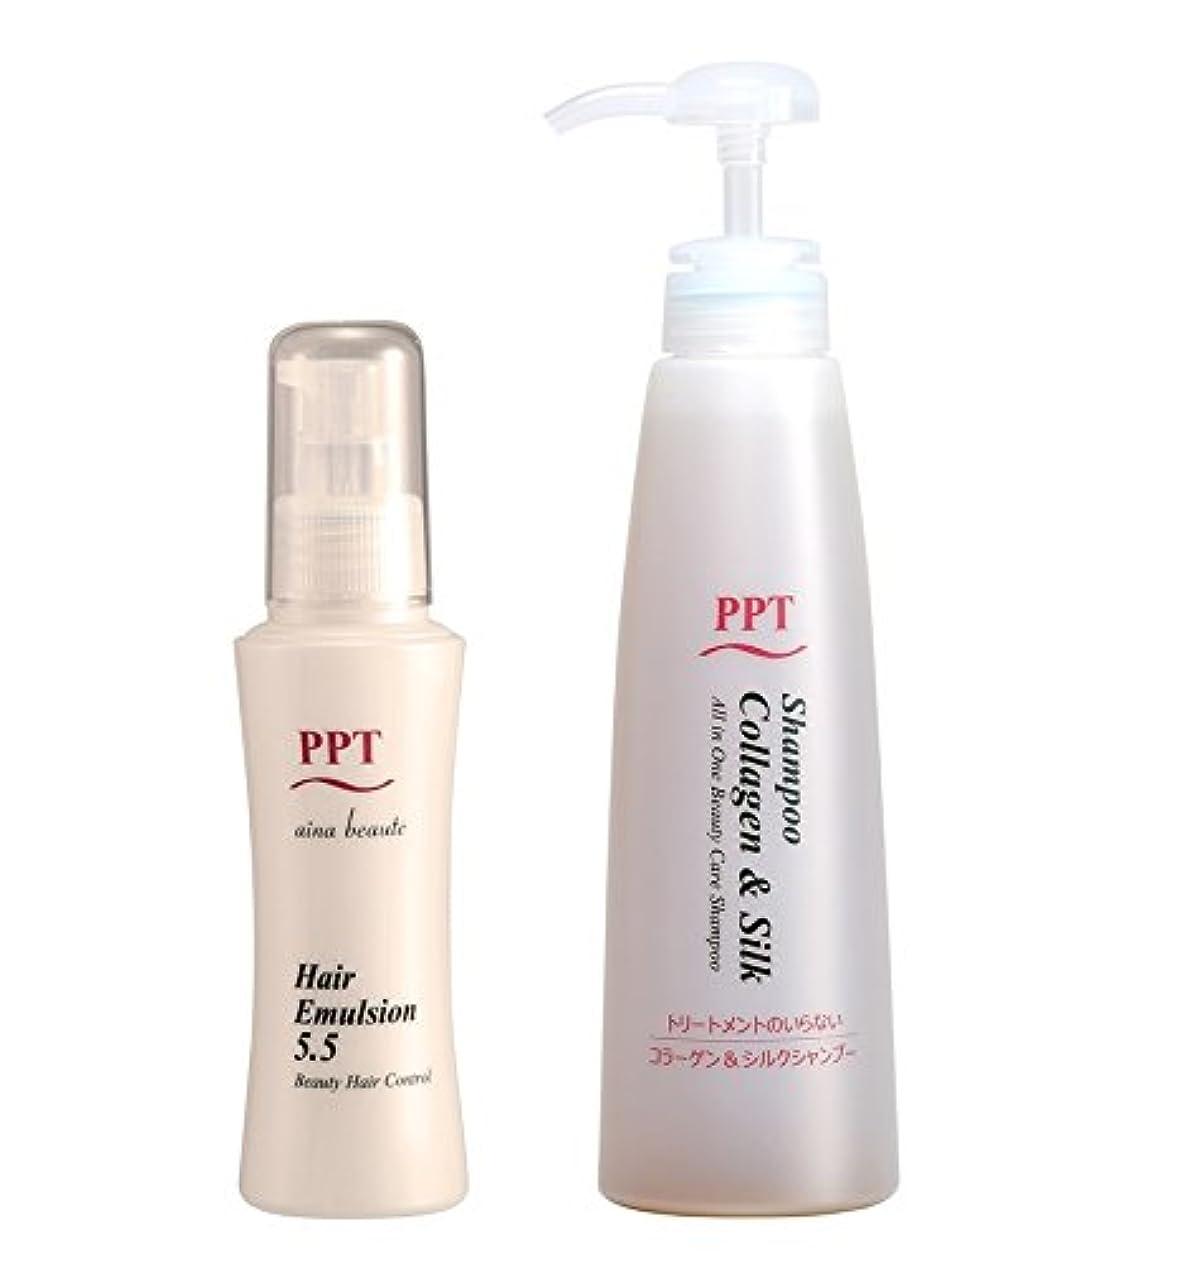 頭痛表面刺繍トリートメント不要 PPTコラーゲン&シルクシャンプー乾燥肌~普通肌用(しっとり),PPTヘアエマルジョン5.5セット